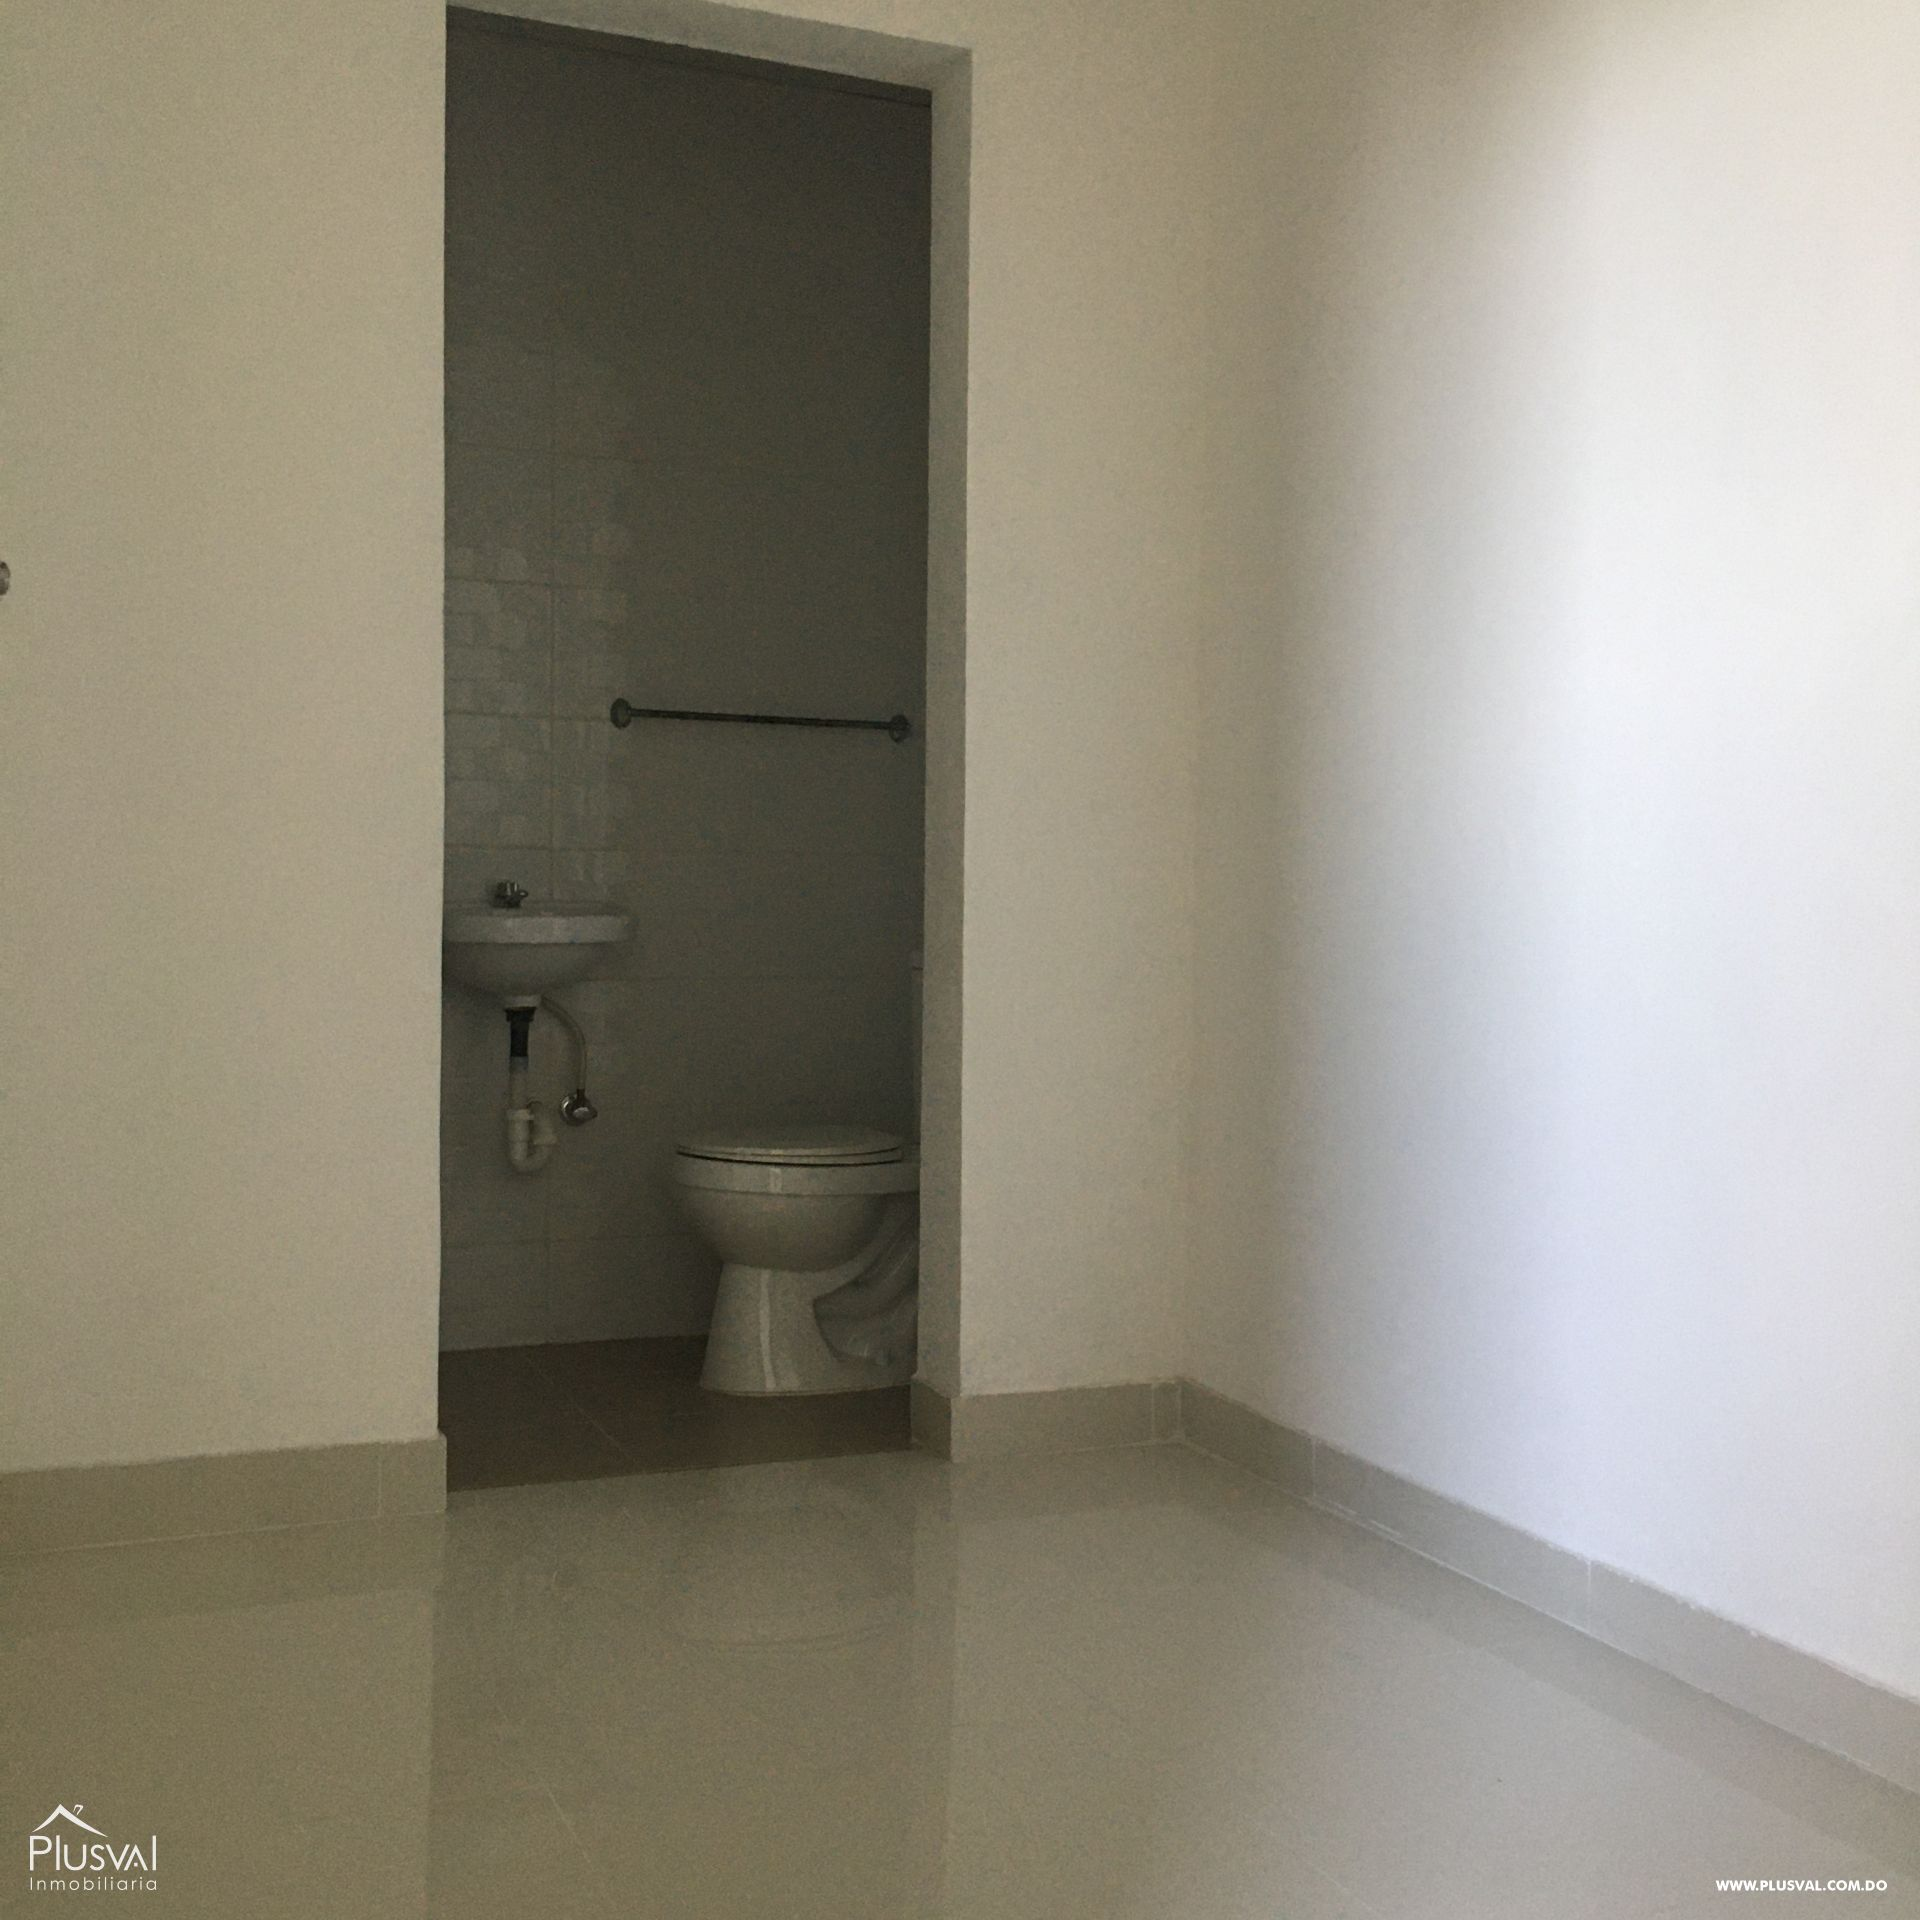 Penthouse en venta, Mirador Norte 169504